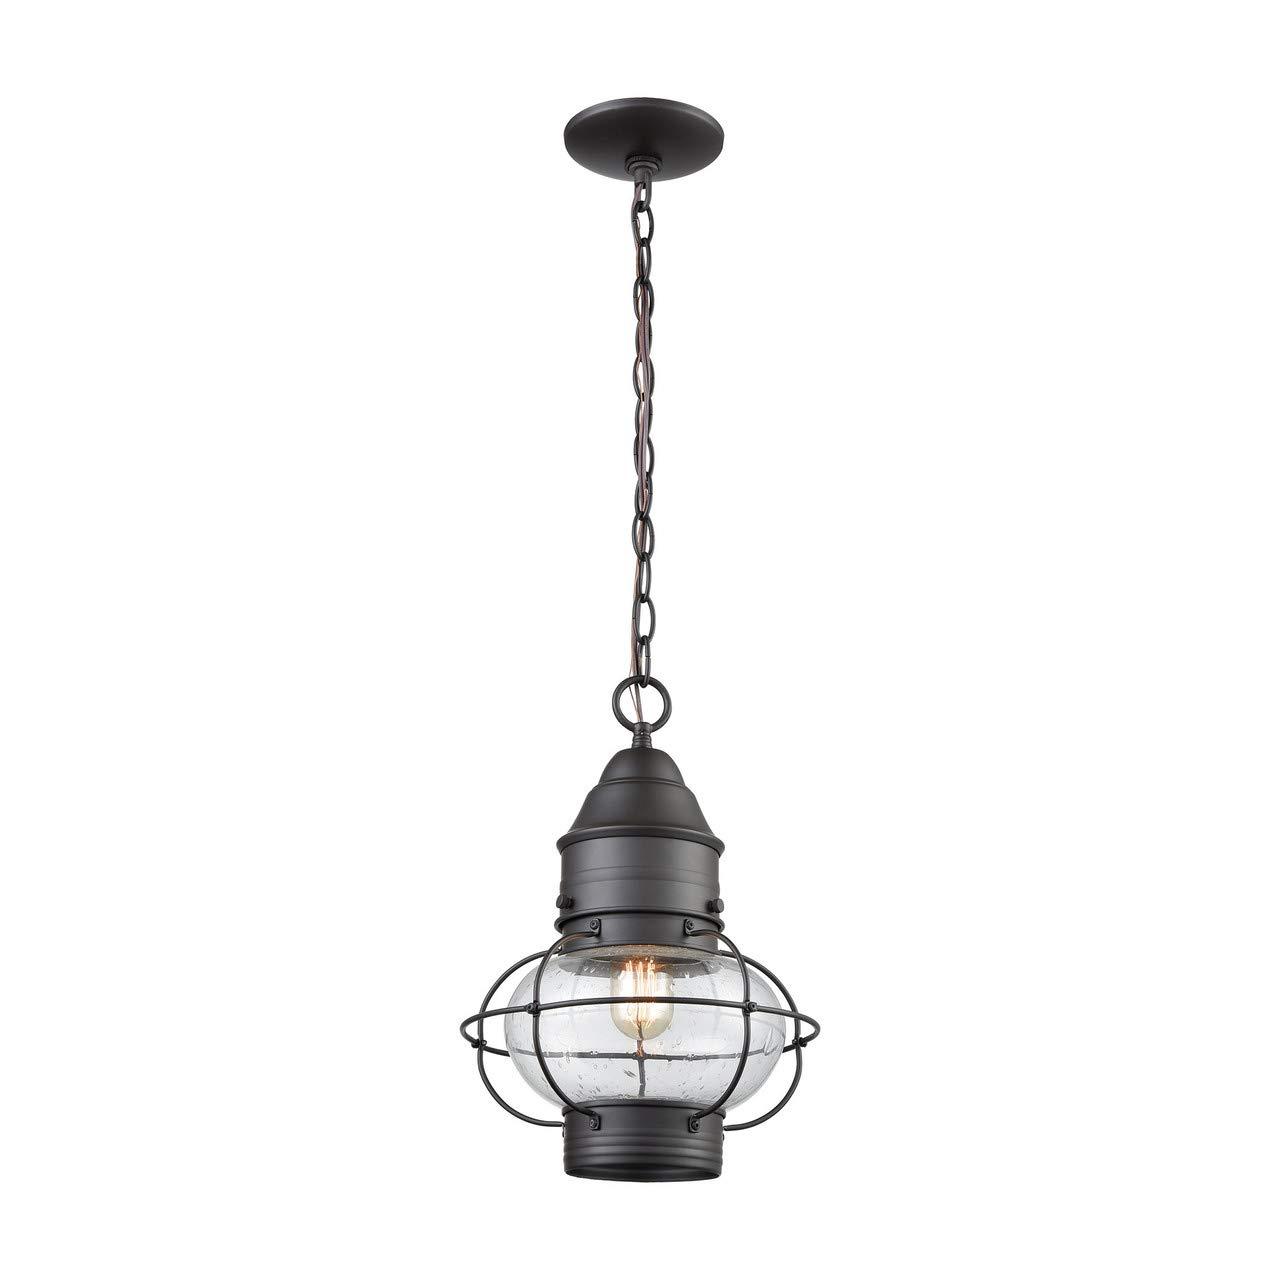 Elk Lighting 57183/1 Onion 1 Outdoor Pendant Oil Rubbed Bronze Hanging,